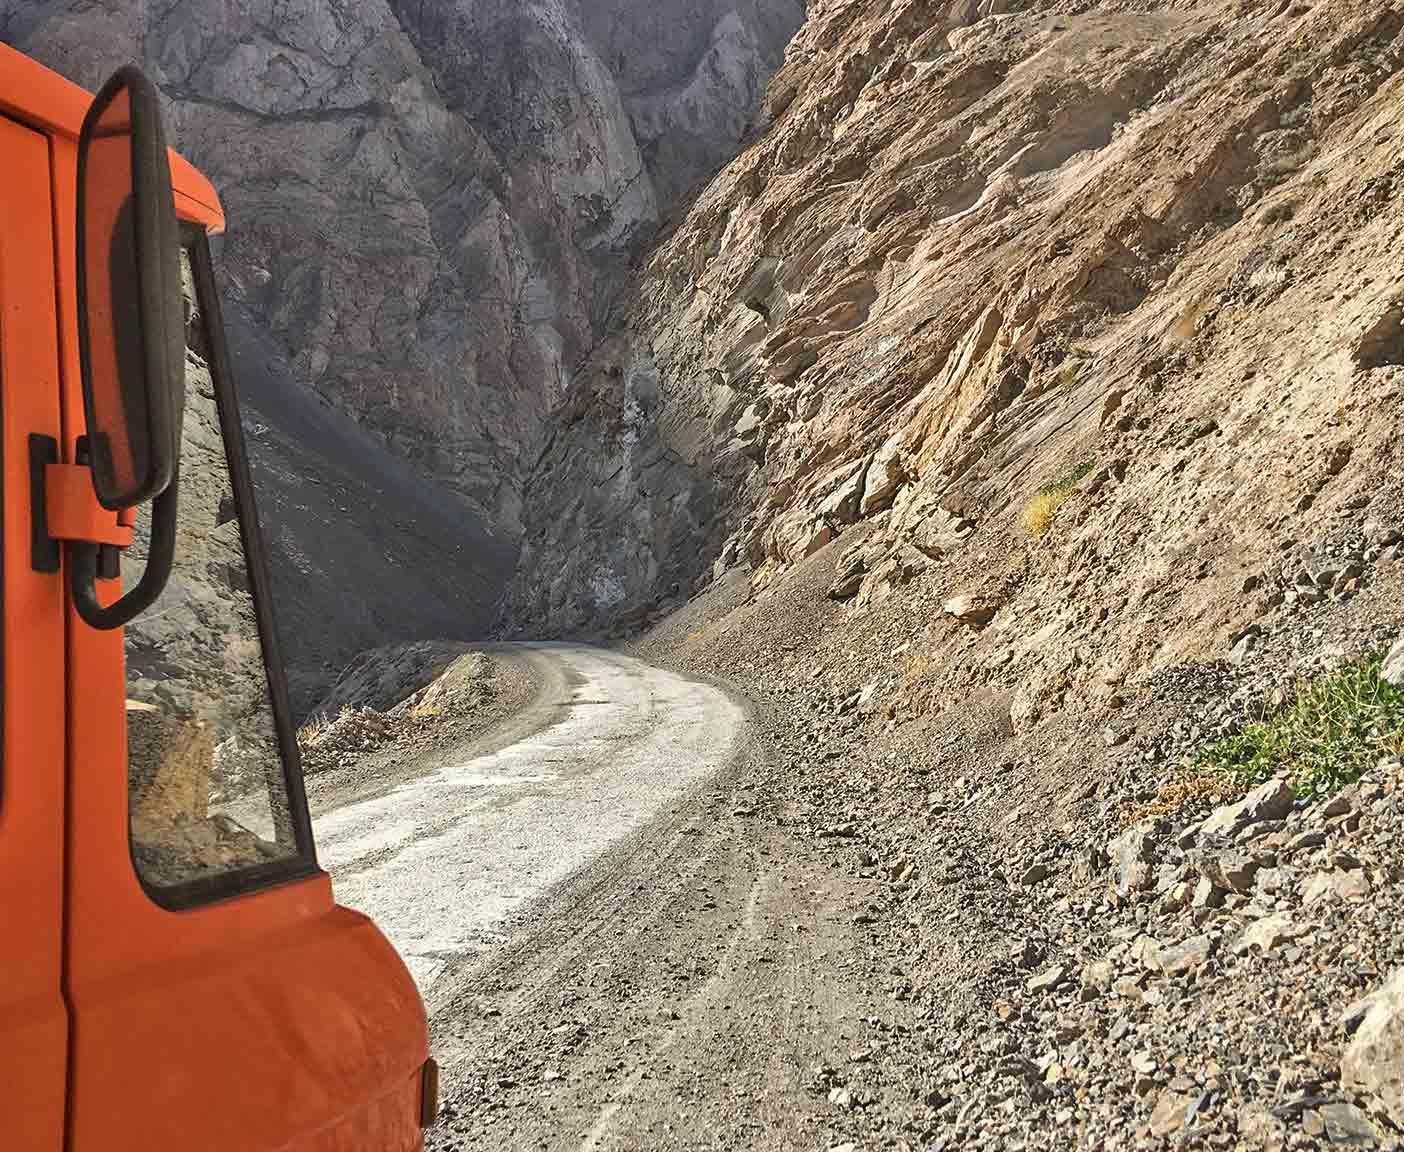 pamir-highway-m41-motorrad-auto-wohnmobil-camper-laenge-kyrgyzstan-guide-2017-2018-2019-china-afghanistan-korogh-2